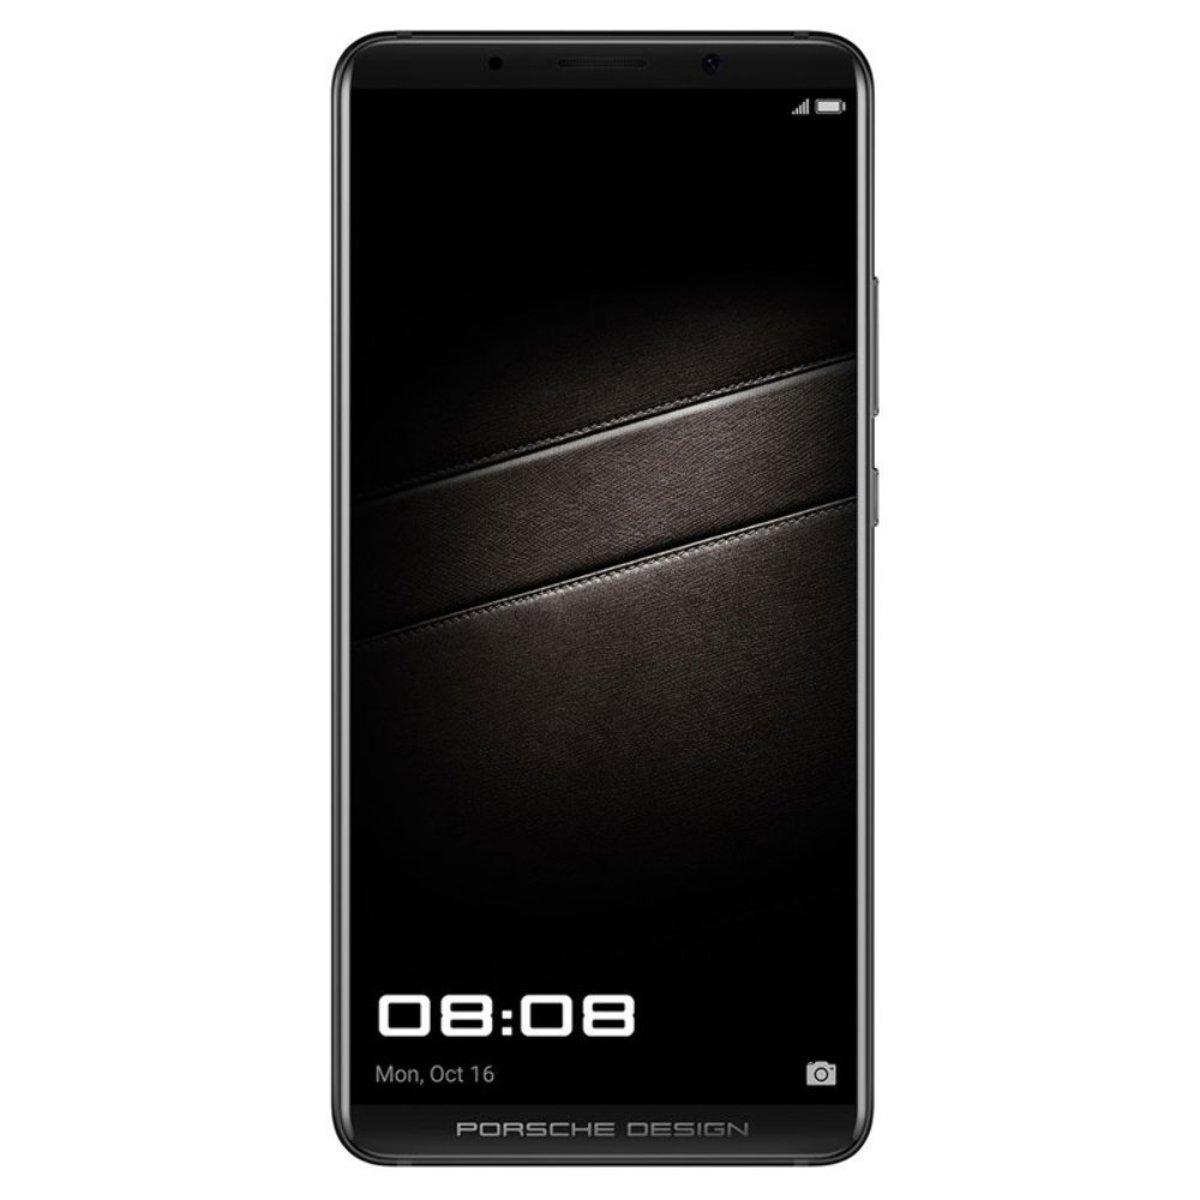 Bild 1 von Huawei Mate 10 Smartphone (5,9 Zoll) 256GB 6GB RAM Porsche Design, Farbe:schwarz